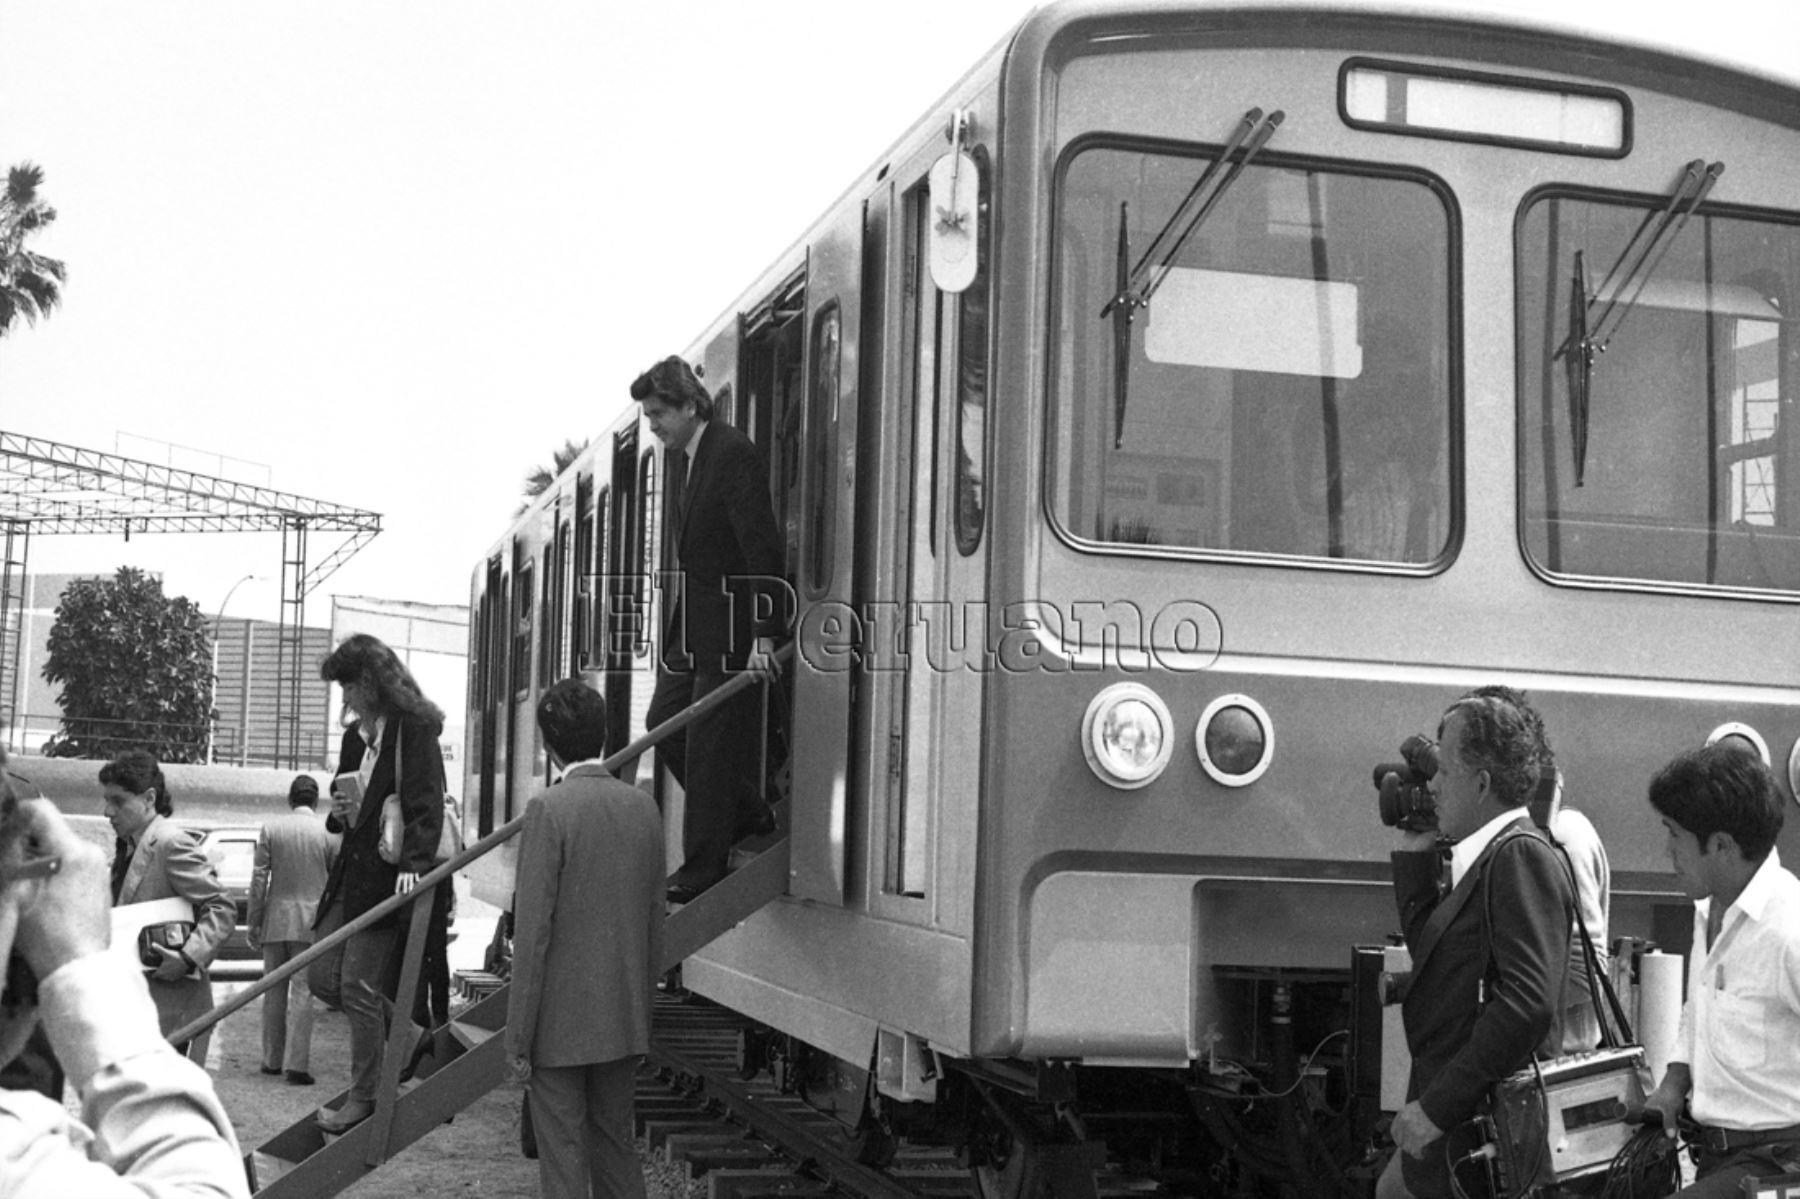 Lima - 21 0ctubre 1989. El presidente Alan García Pérez supervisa la llegada del primer vagón del tren eléctrico de Lima. Foto: Archivo Diario El Peruano